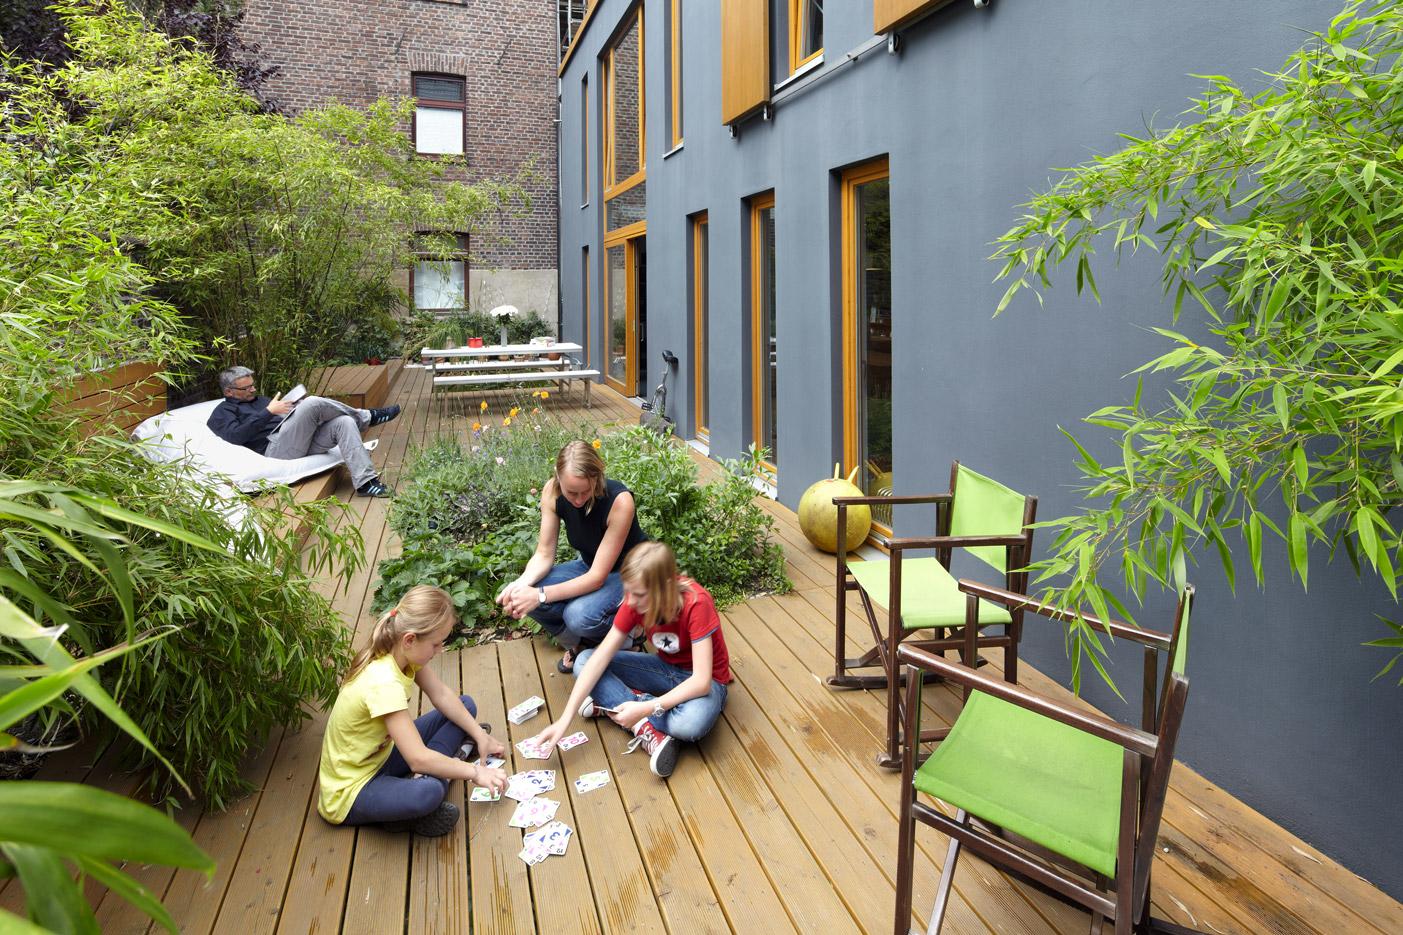 Architekten Düsseldorf houses michael reisch architekturfotografie